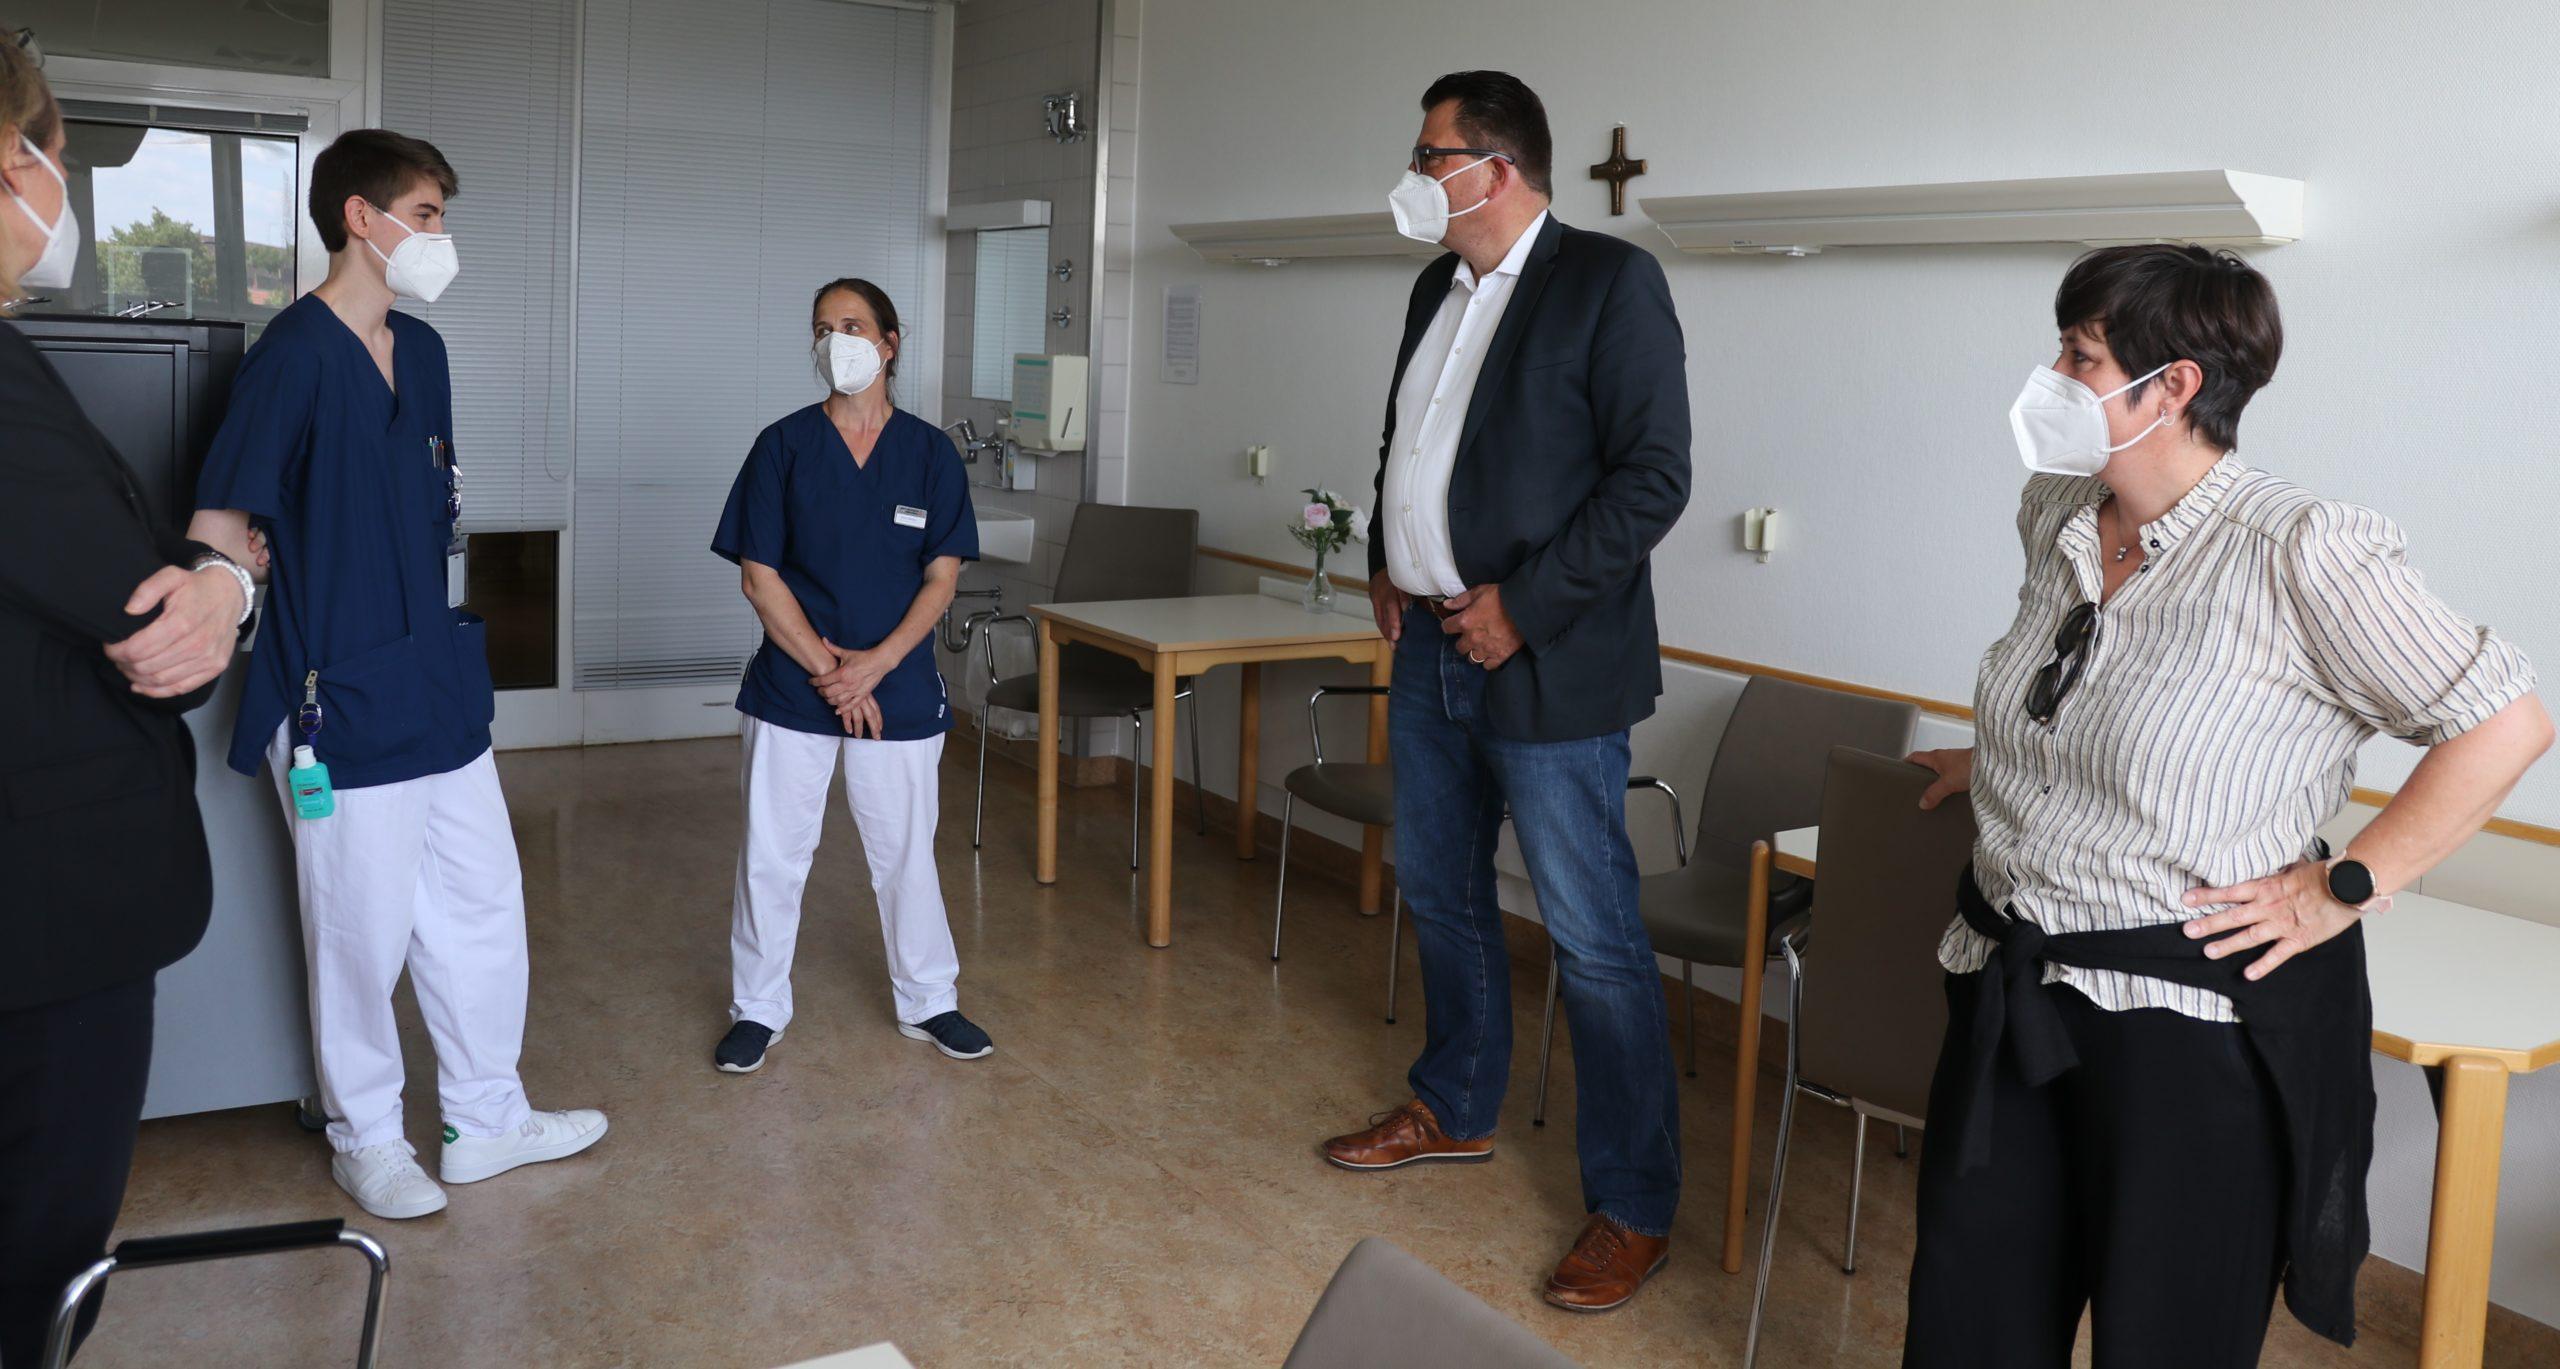 Besuch SPD-Abgeordnete Fraktion vor Ort | Sankt Gertrauden-Krankenhaus